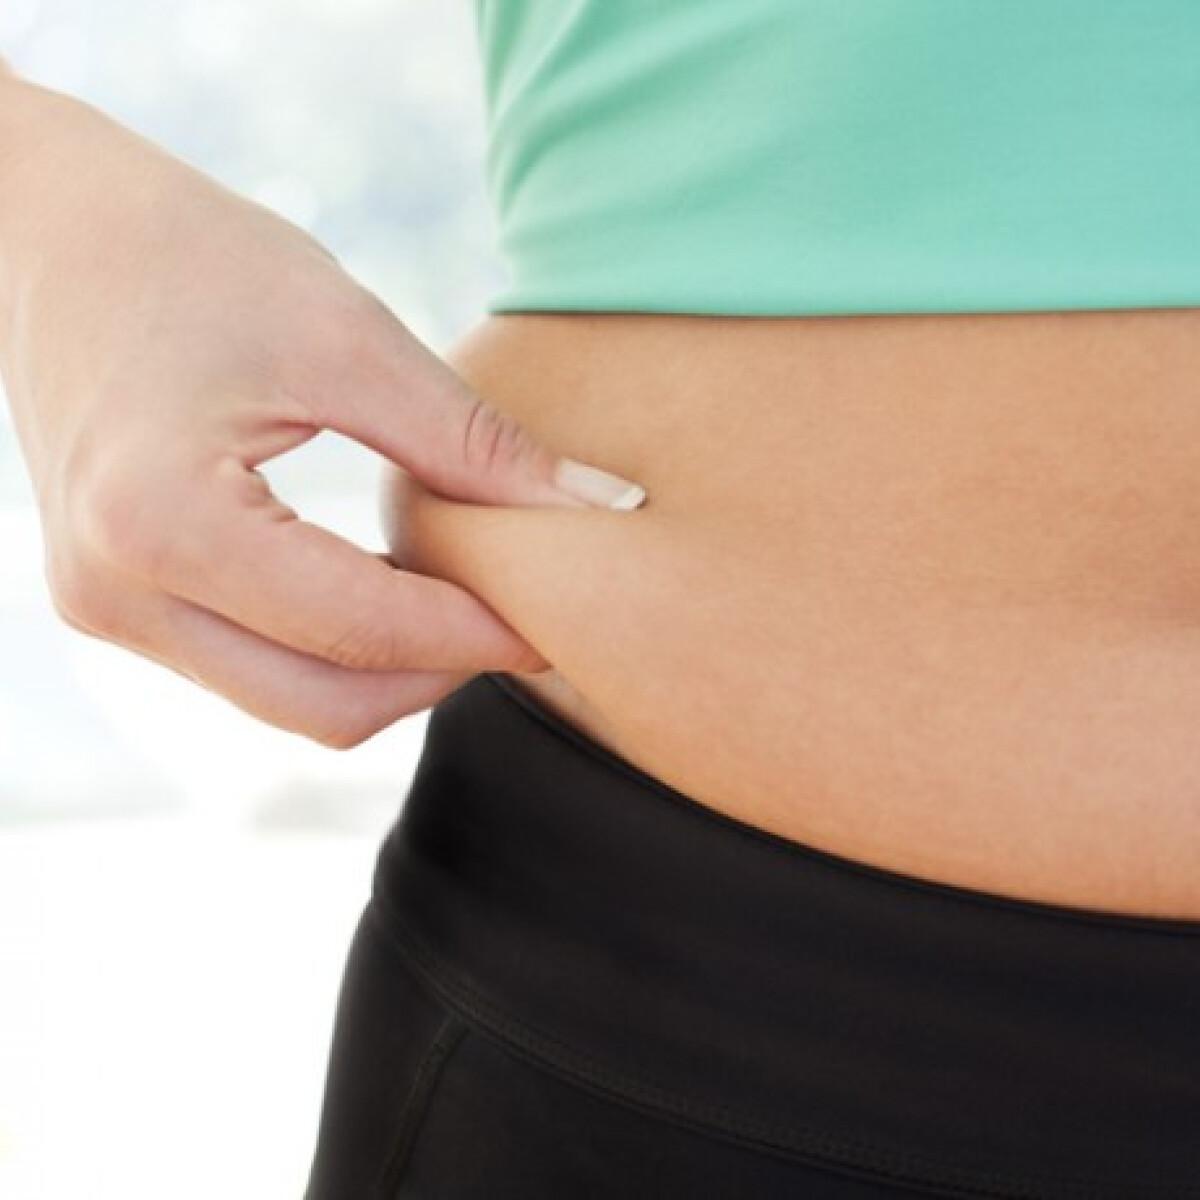 Napi kalóriaszükséglet kalkulátor - Éget zsírt 3 hét